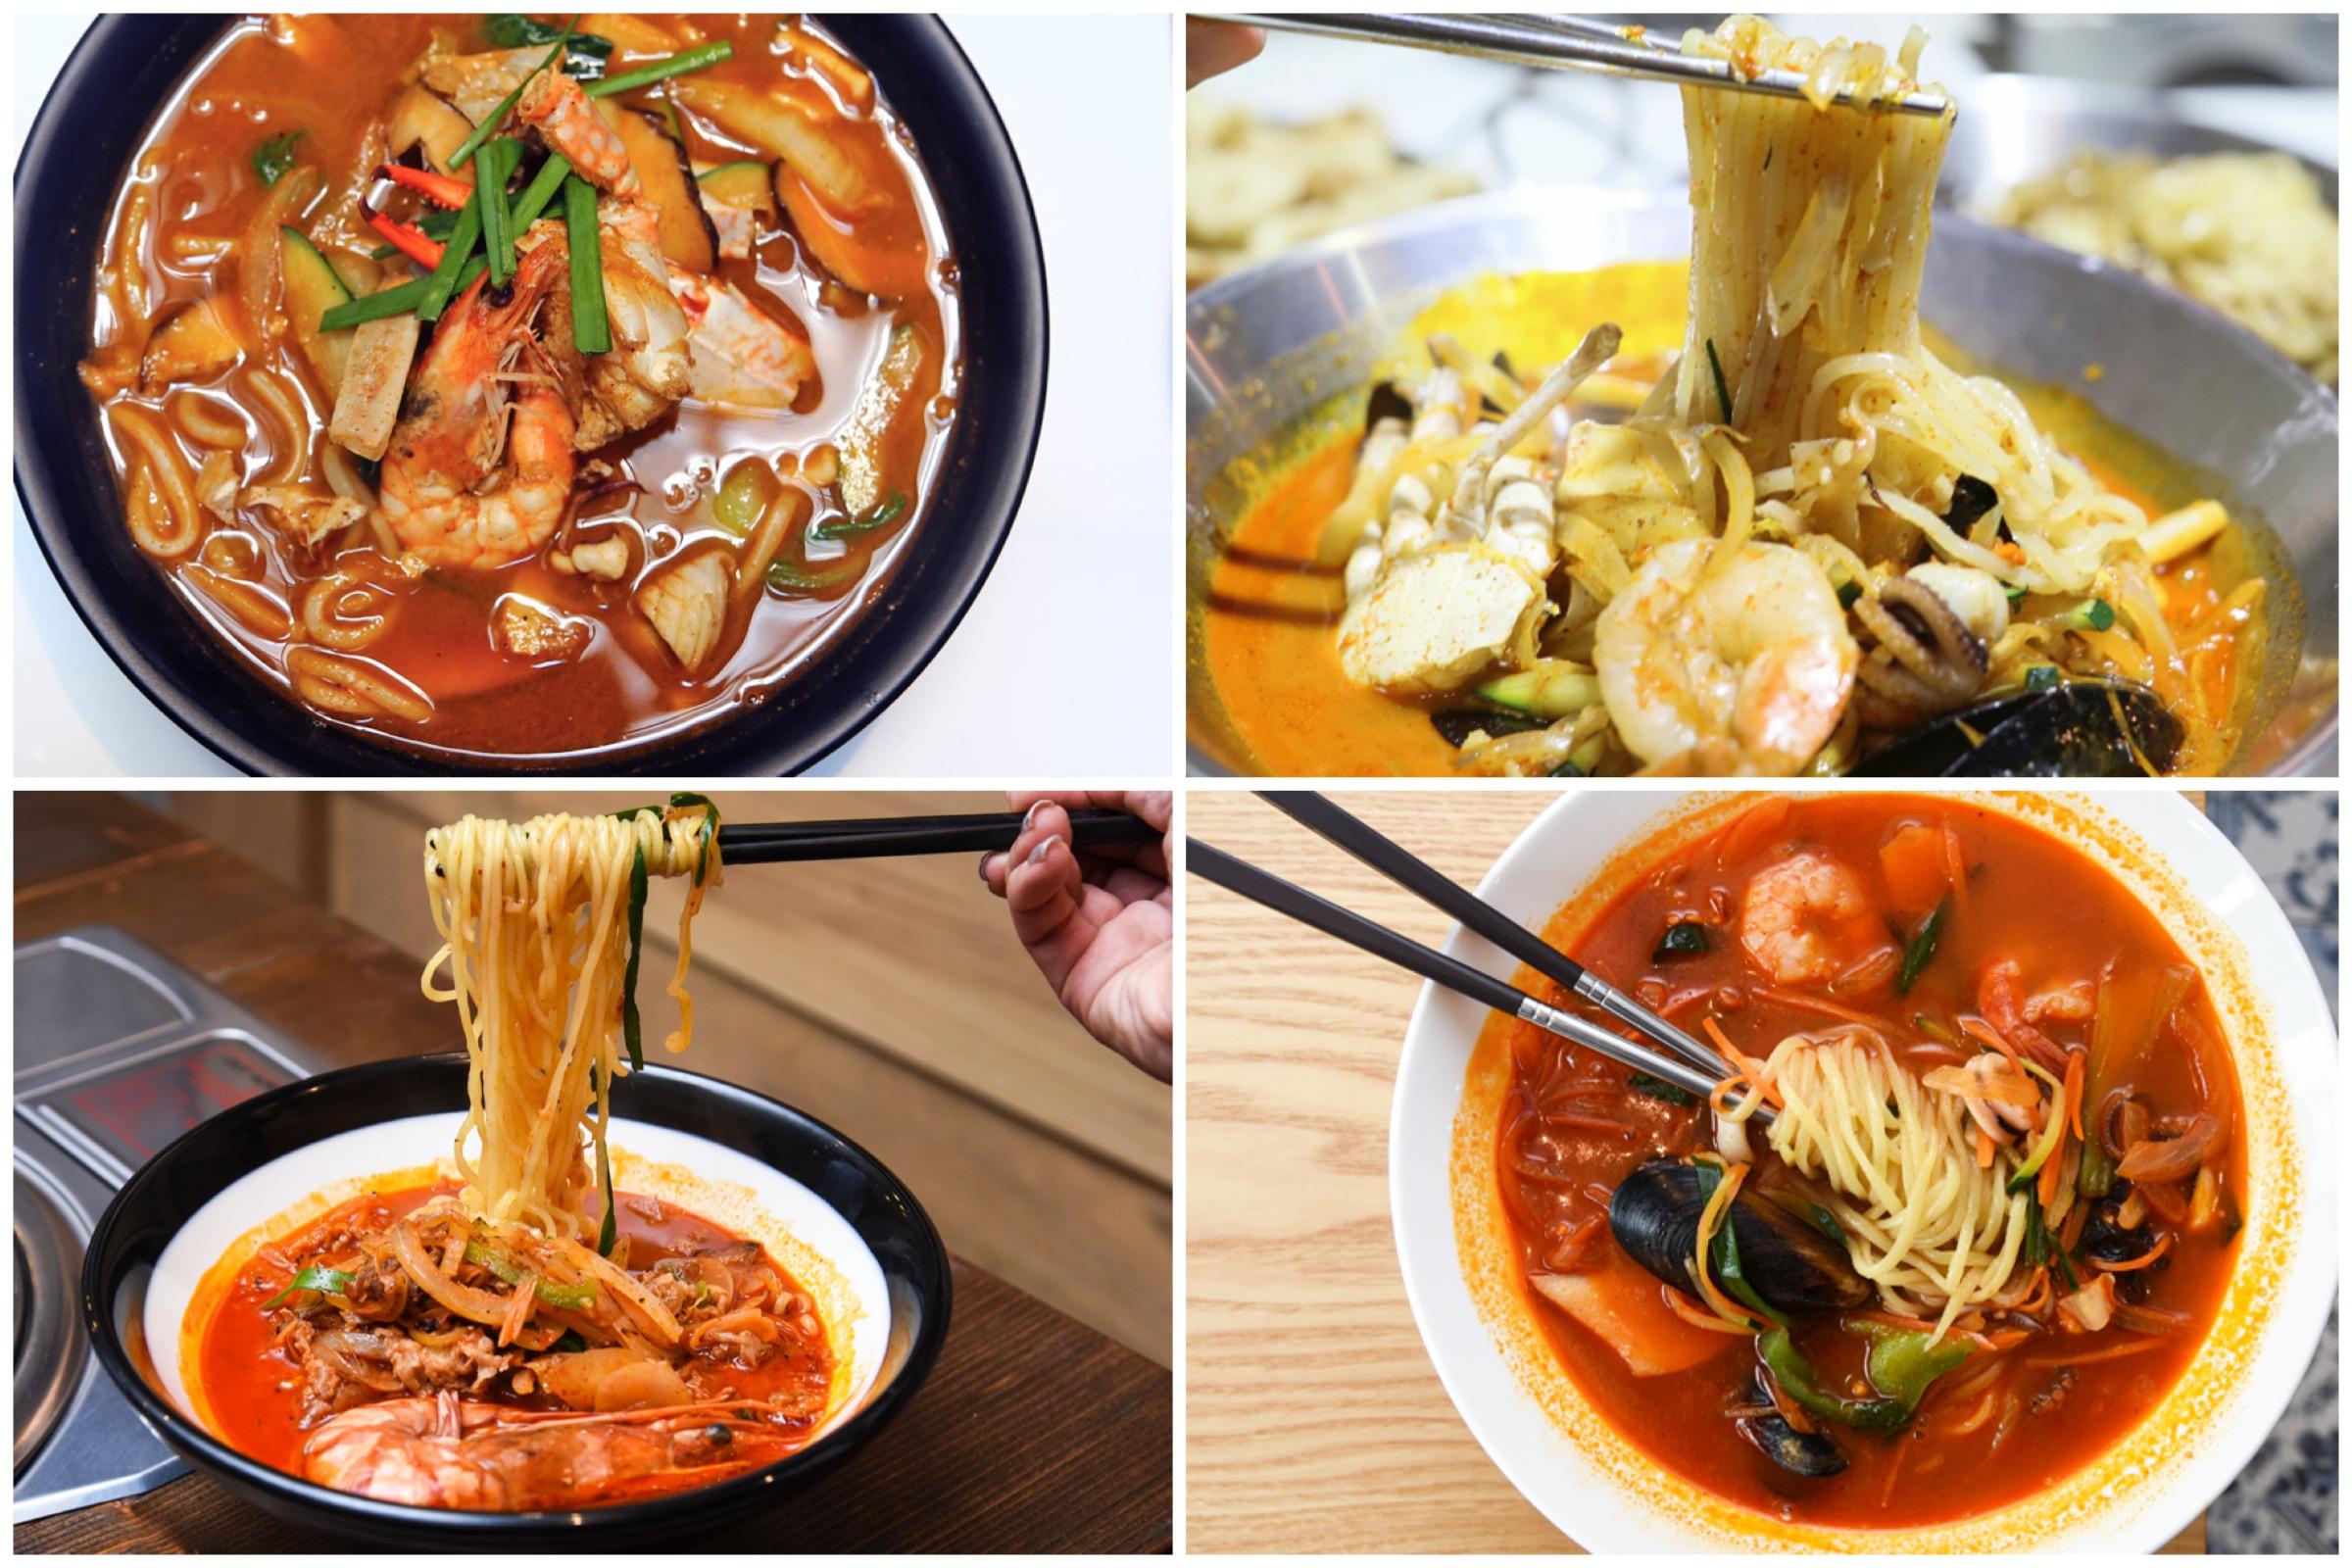 6 Best Korean Restaurants For Jjamppong Noodles In Singapore For